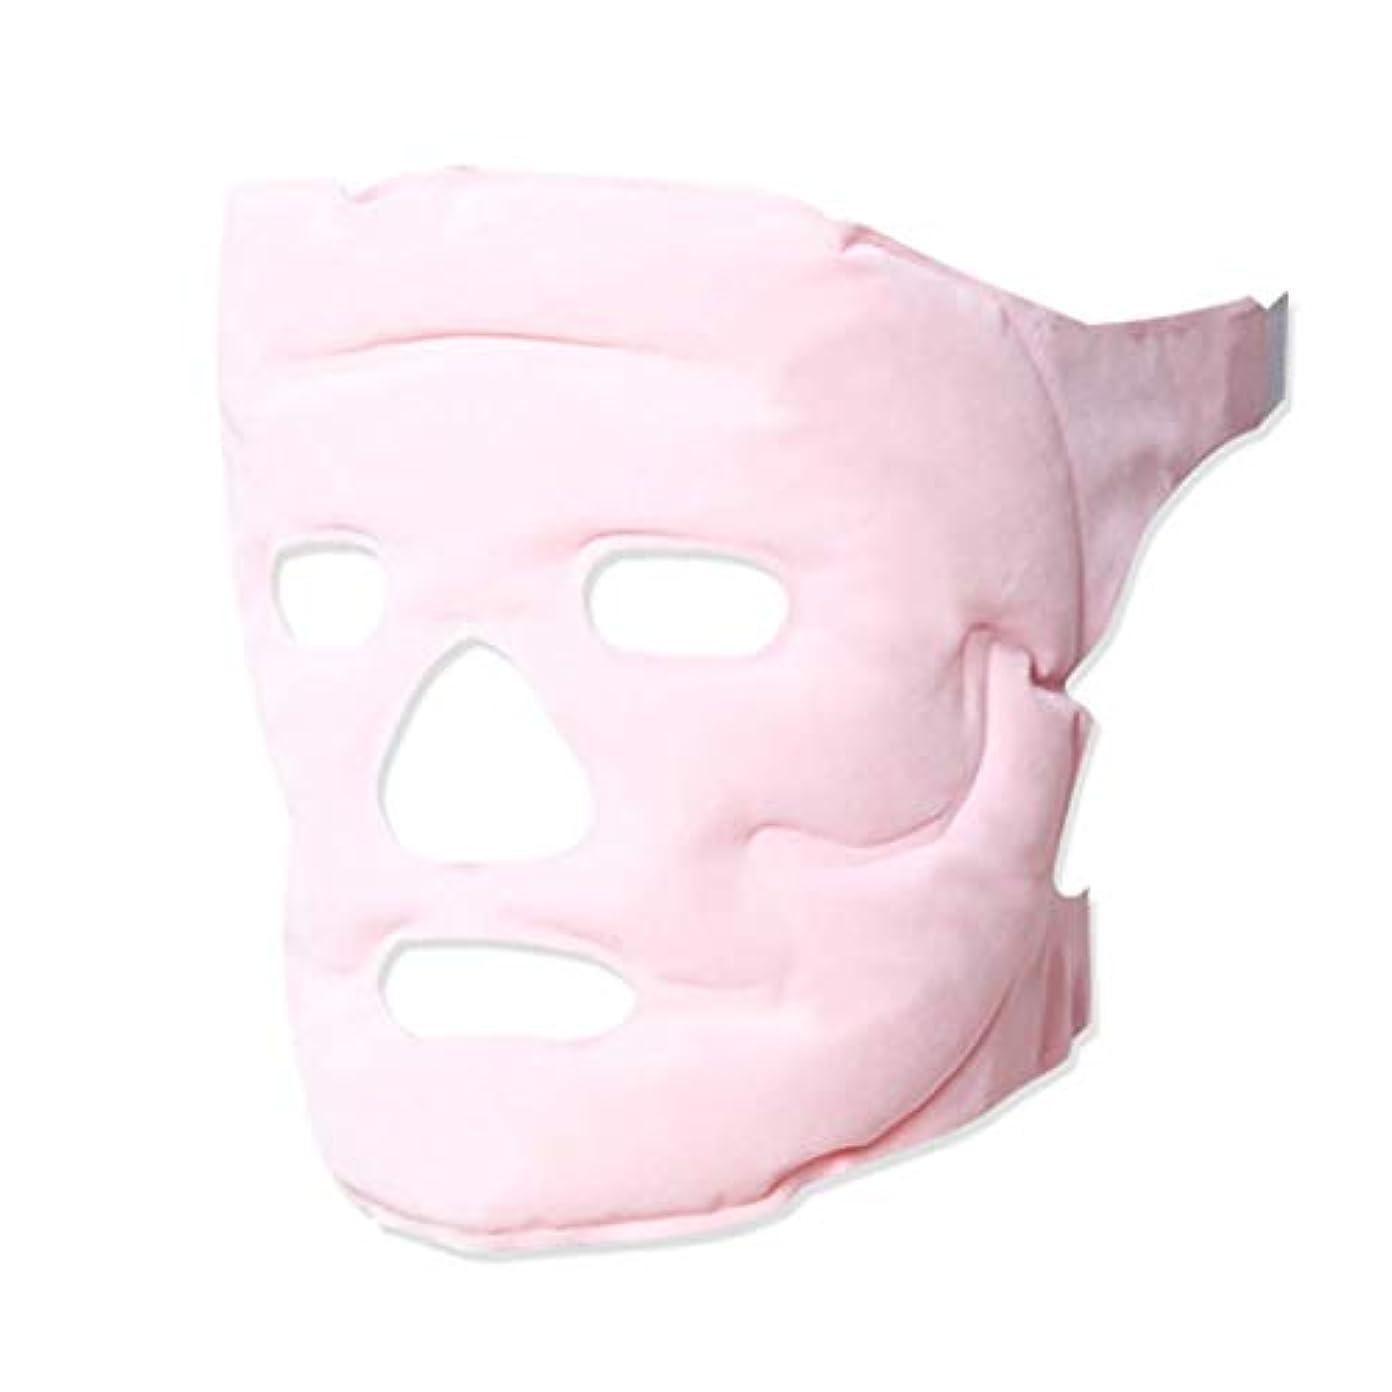 証人キャンパスワーカーvフェイスマスク睡眠薄い顔で美容マスク磁気療法リフティングフェイシャル引き締め判決パターン包帯アーティファクトピンク